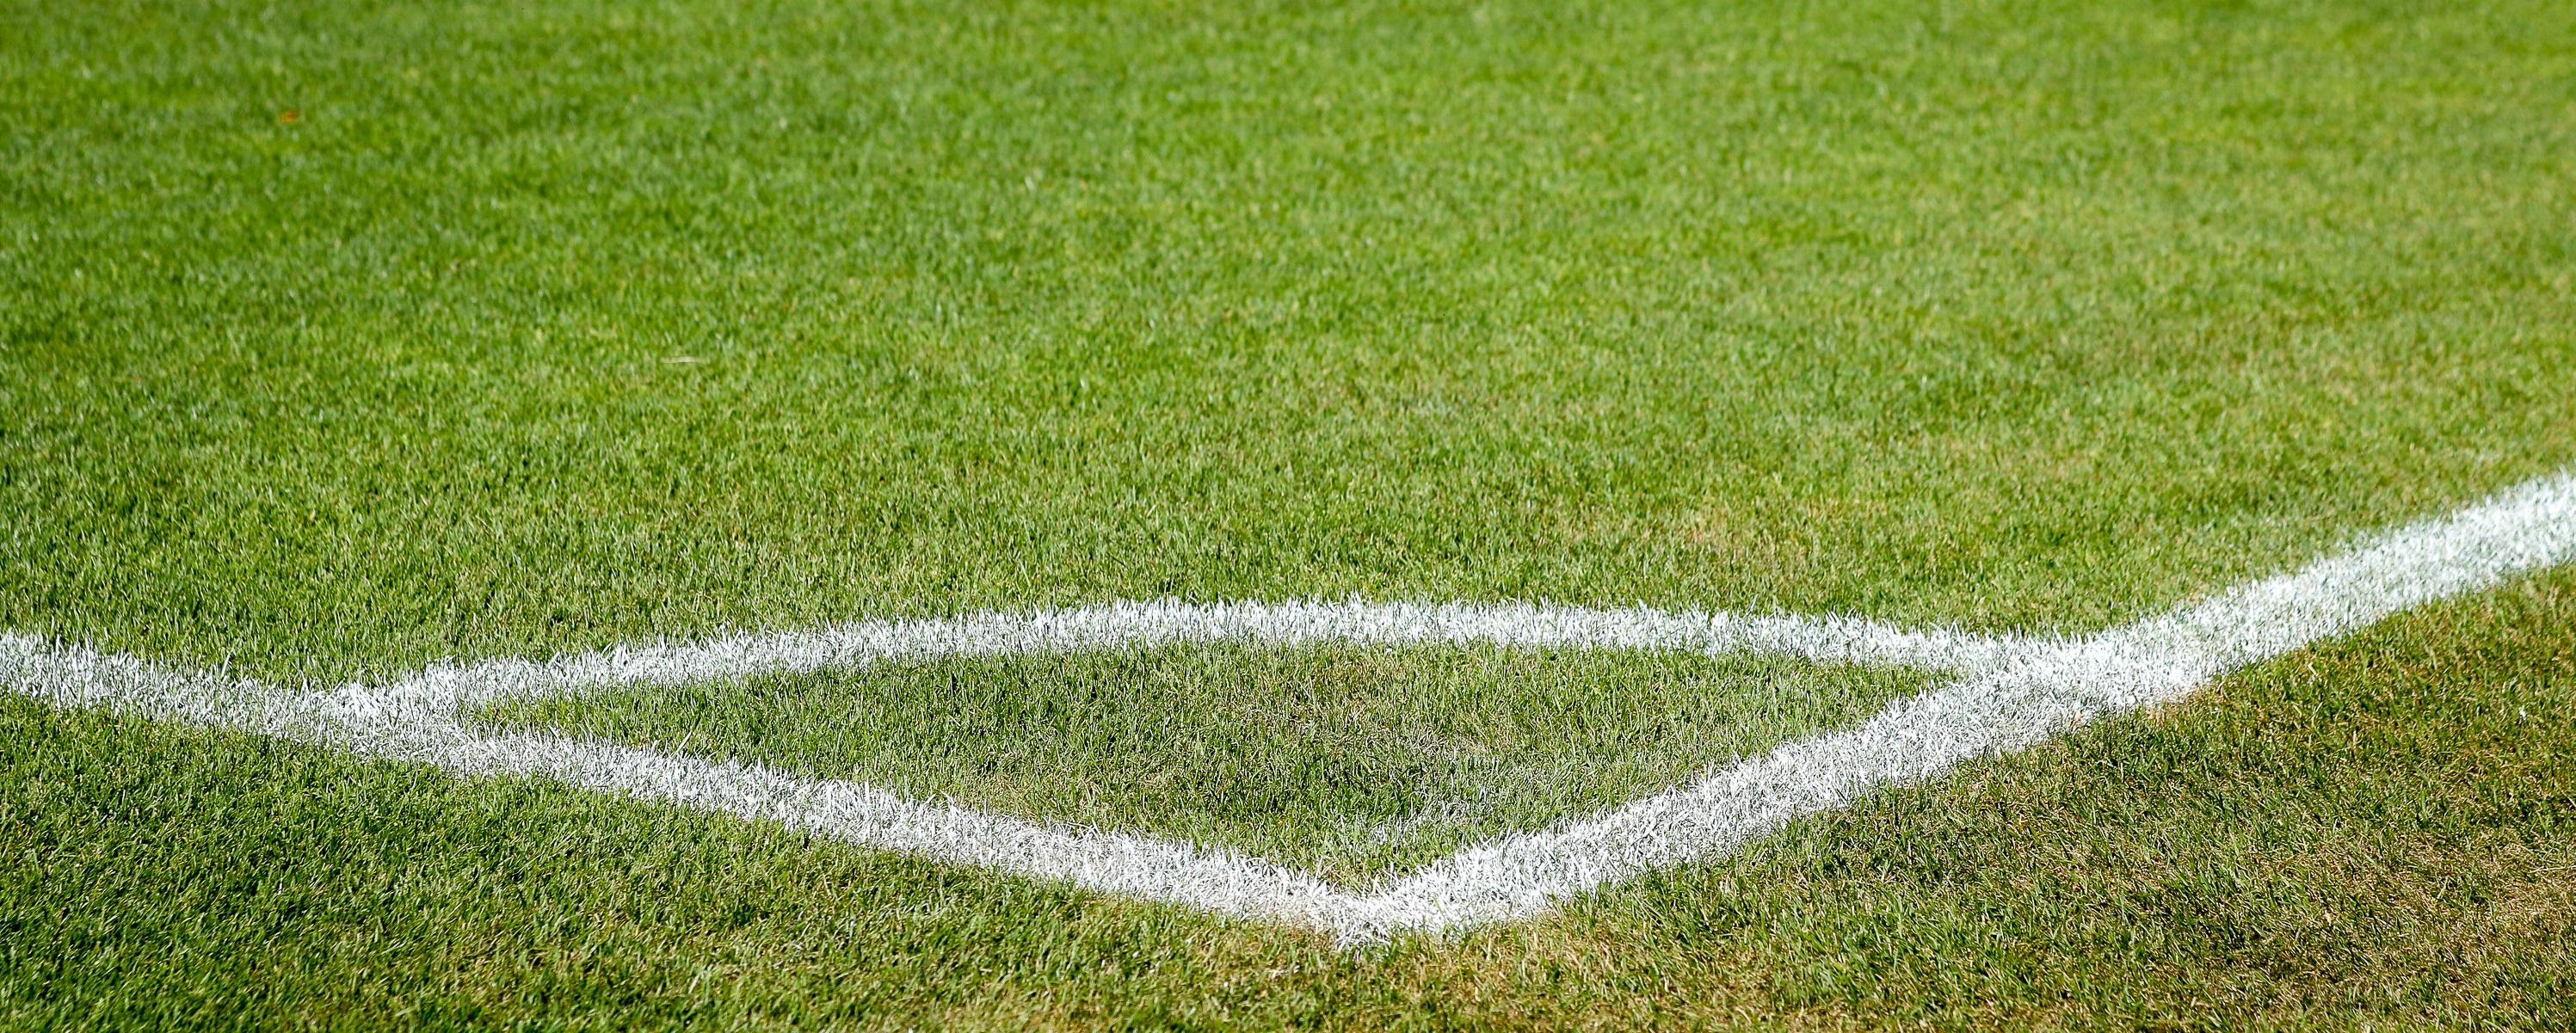 Die 2. Mannschaft von Rot-Weiss Essen war im ersten Testspiel siegreich. (Foto: Endberg)